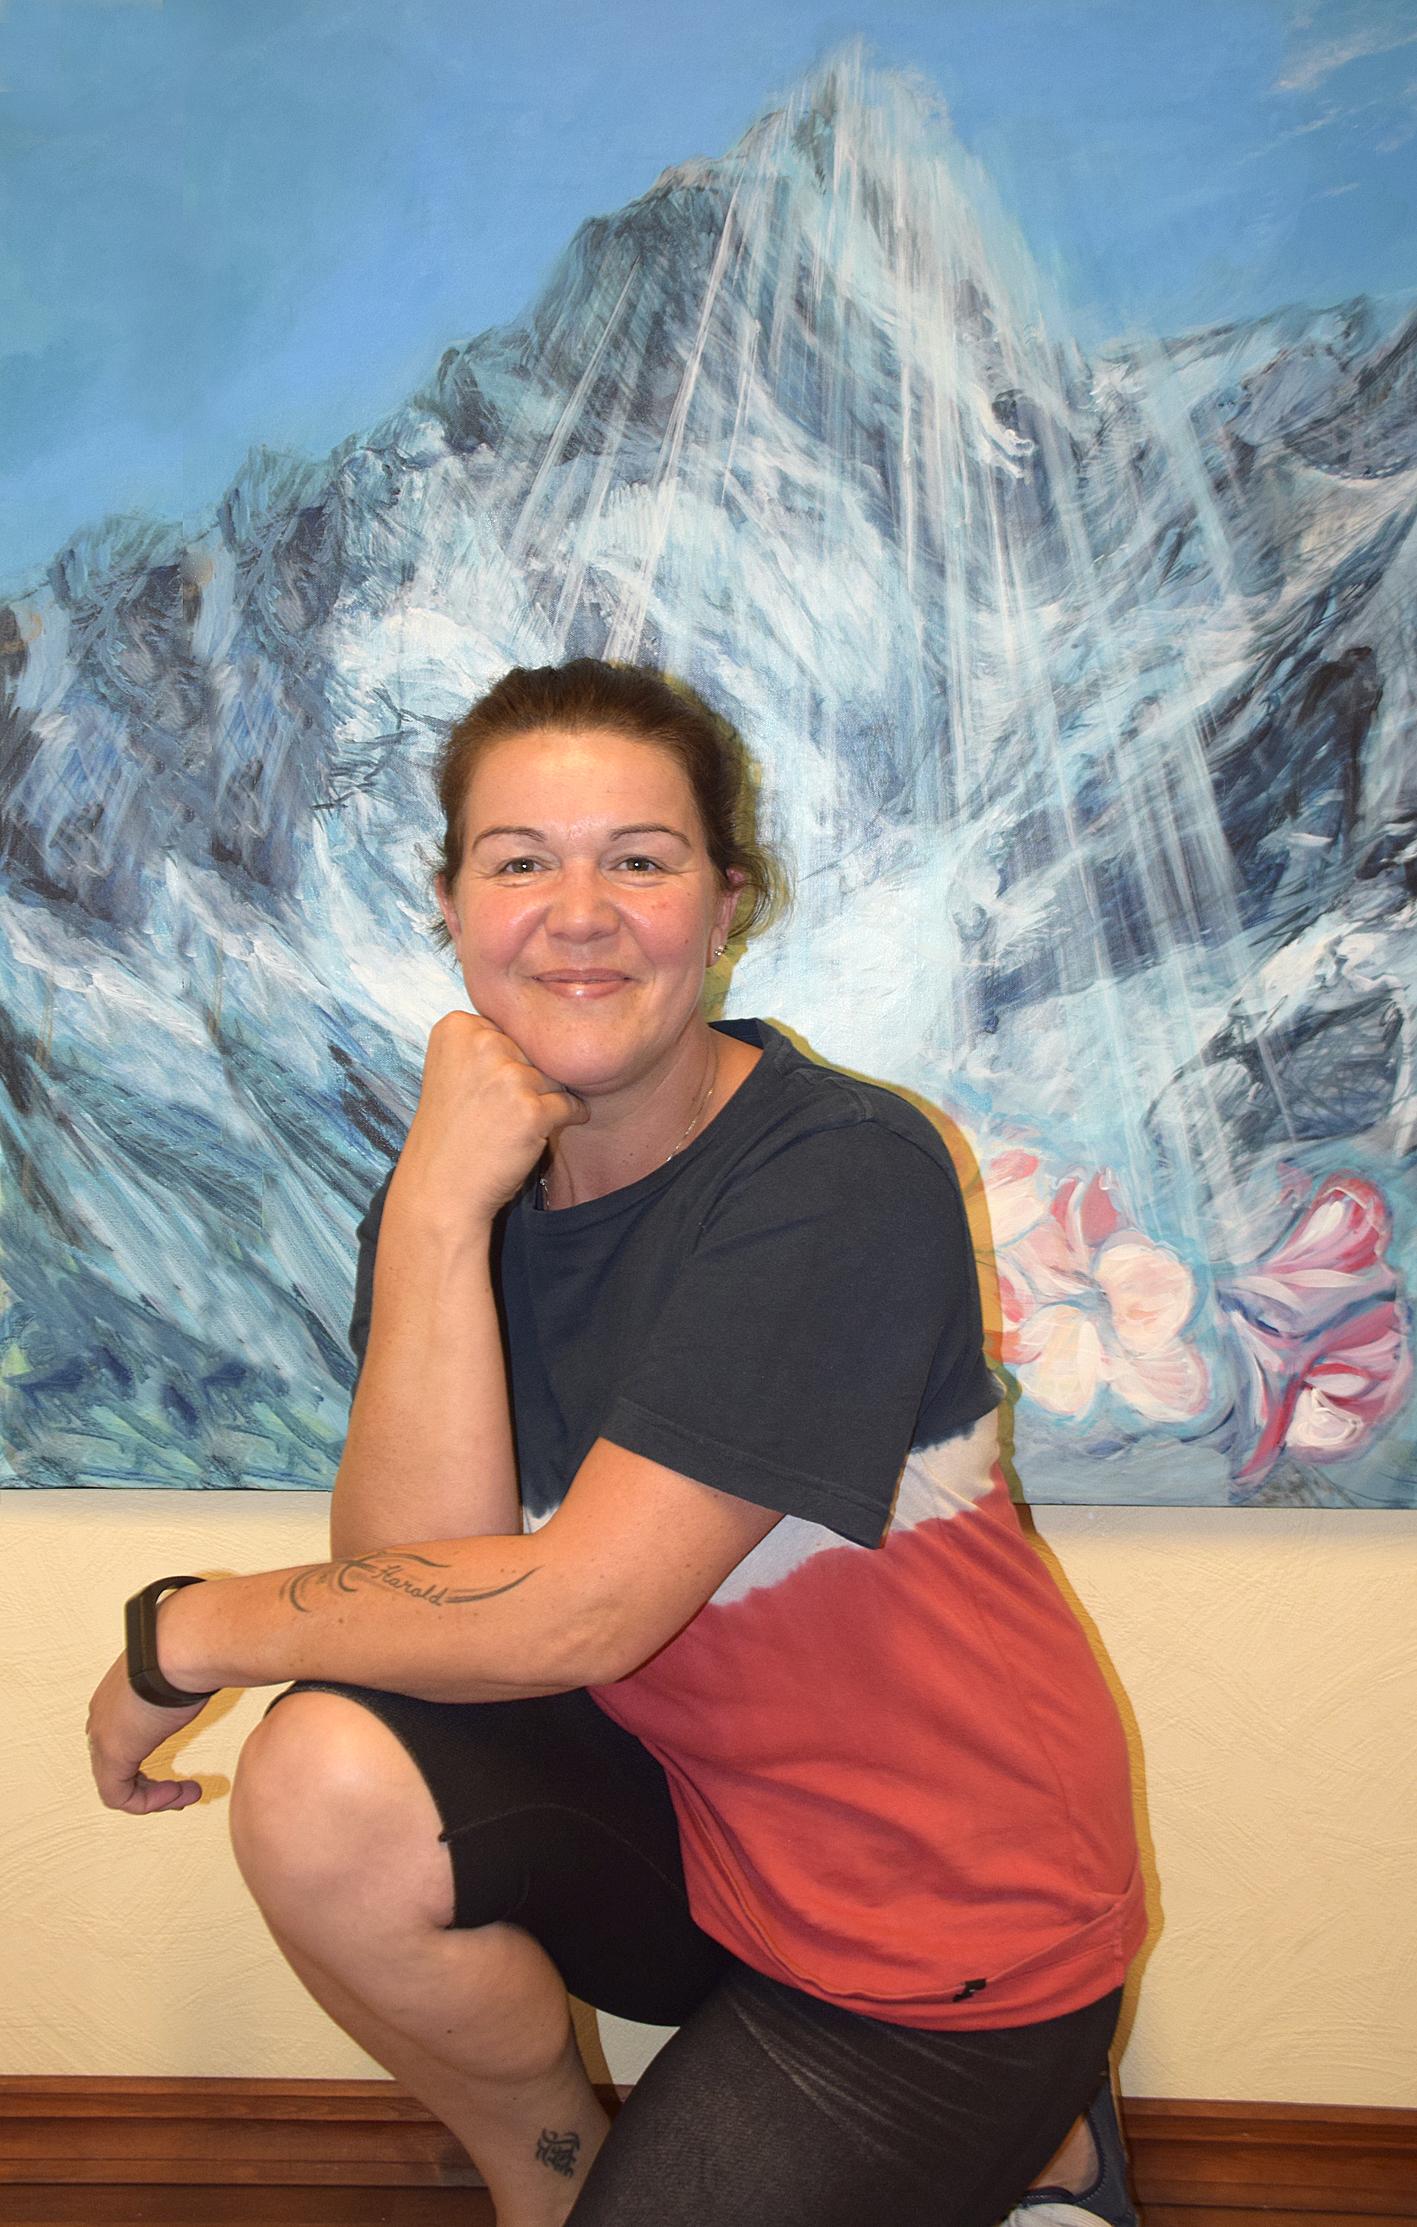 Dame foran et utrolig flott maleri som kan være enten Himalaya eller Shambhala